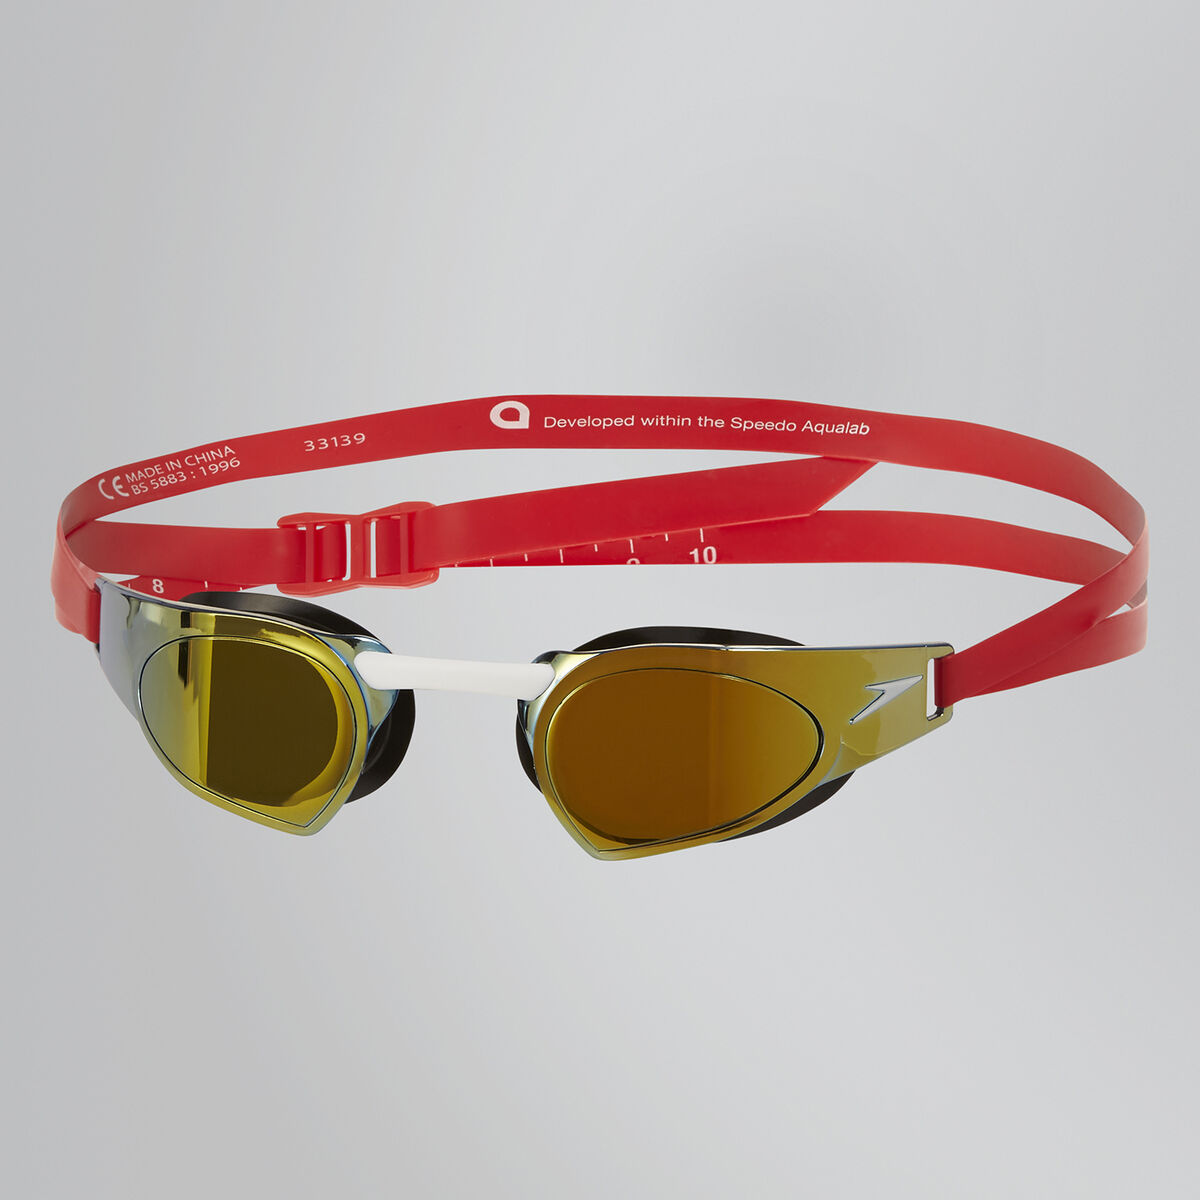 Fastskin Prime Mirror Goggle